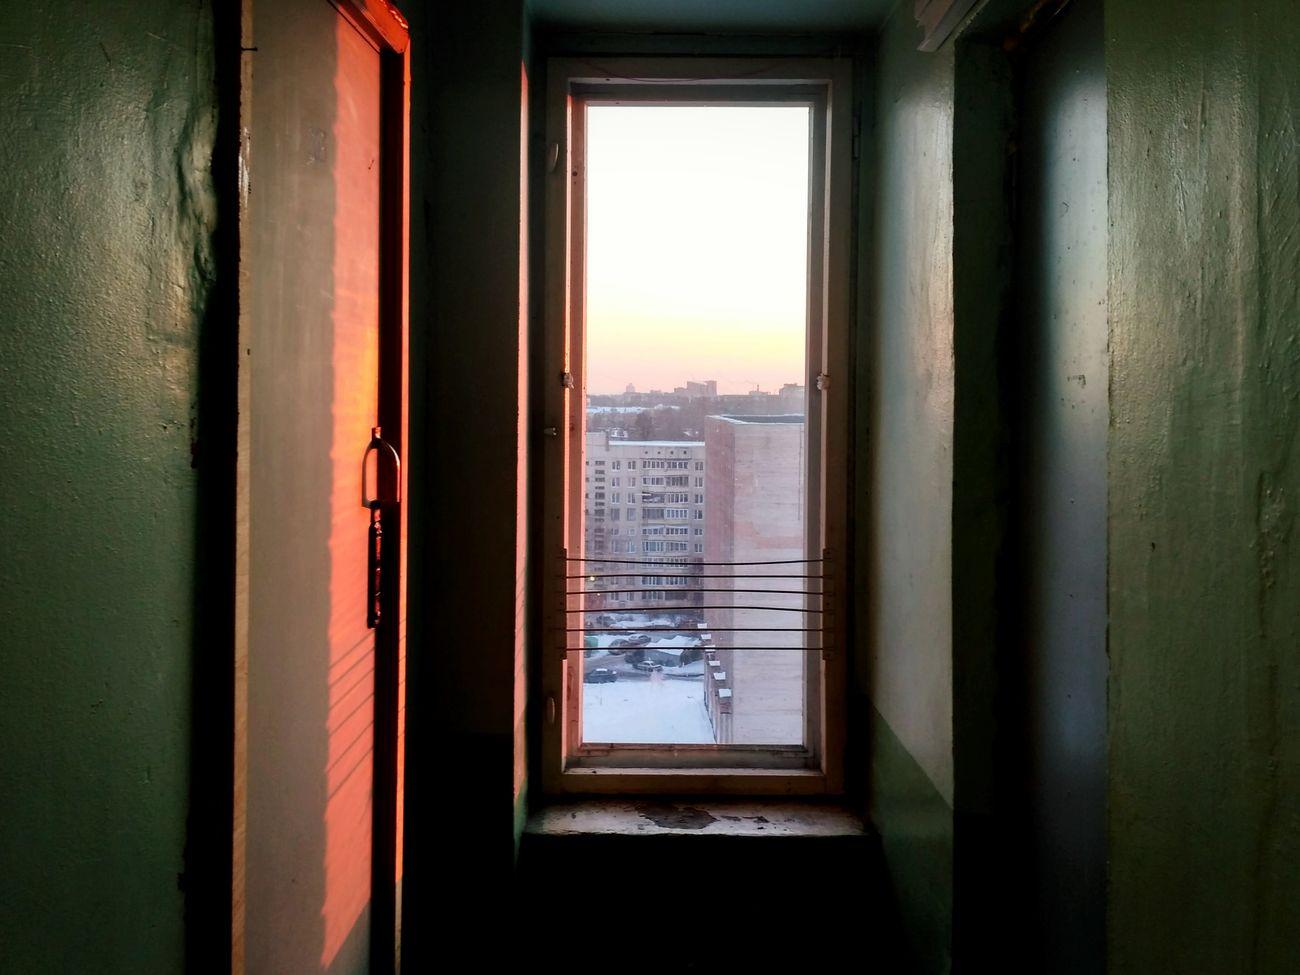 window, indoors, architecture, built structure, door